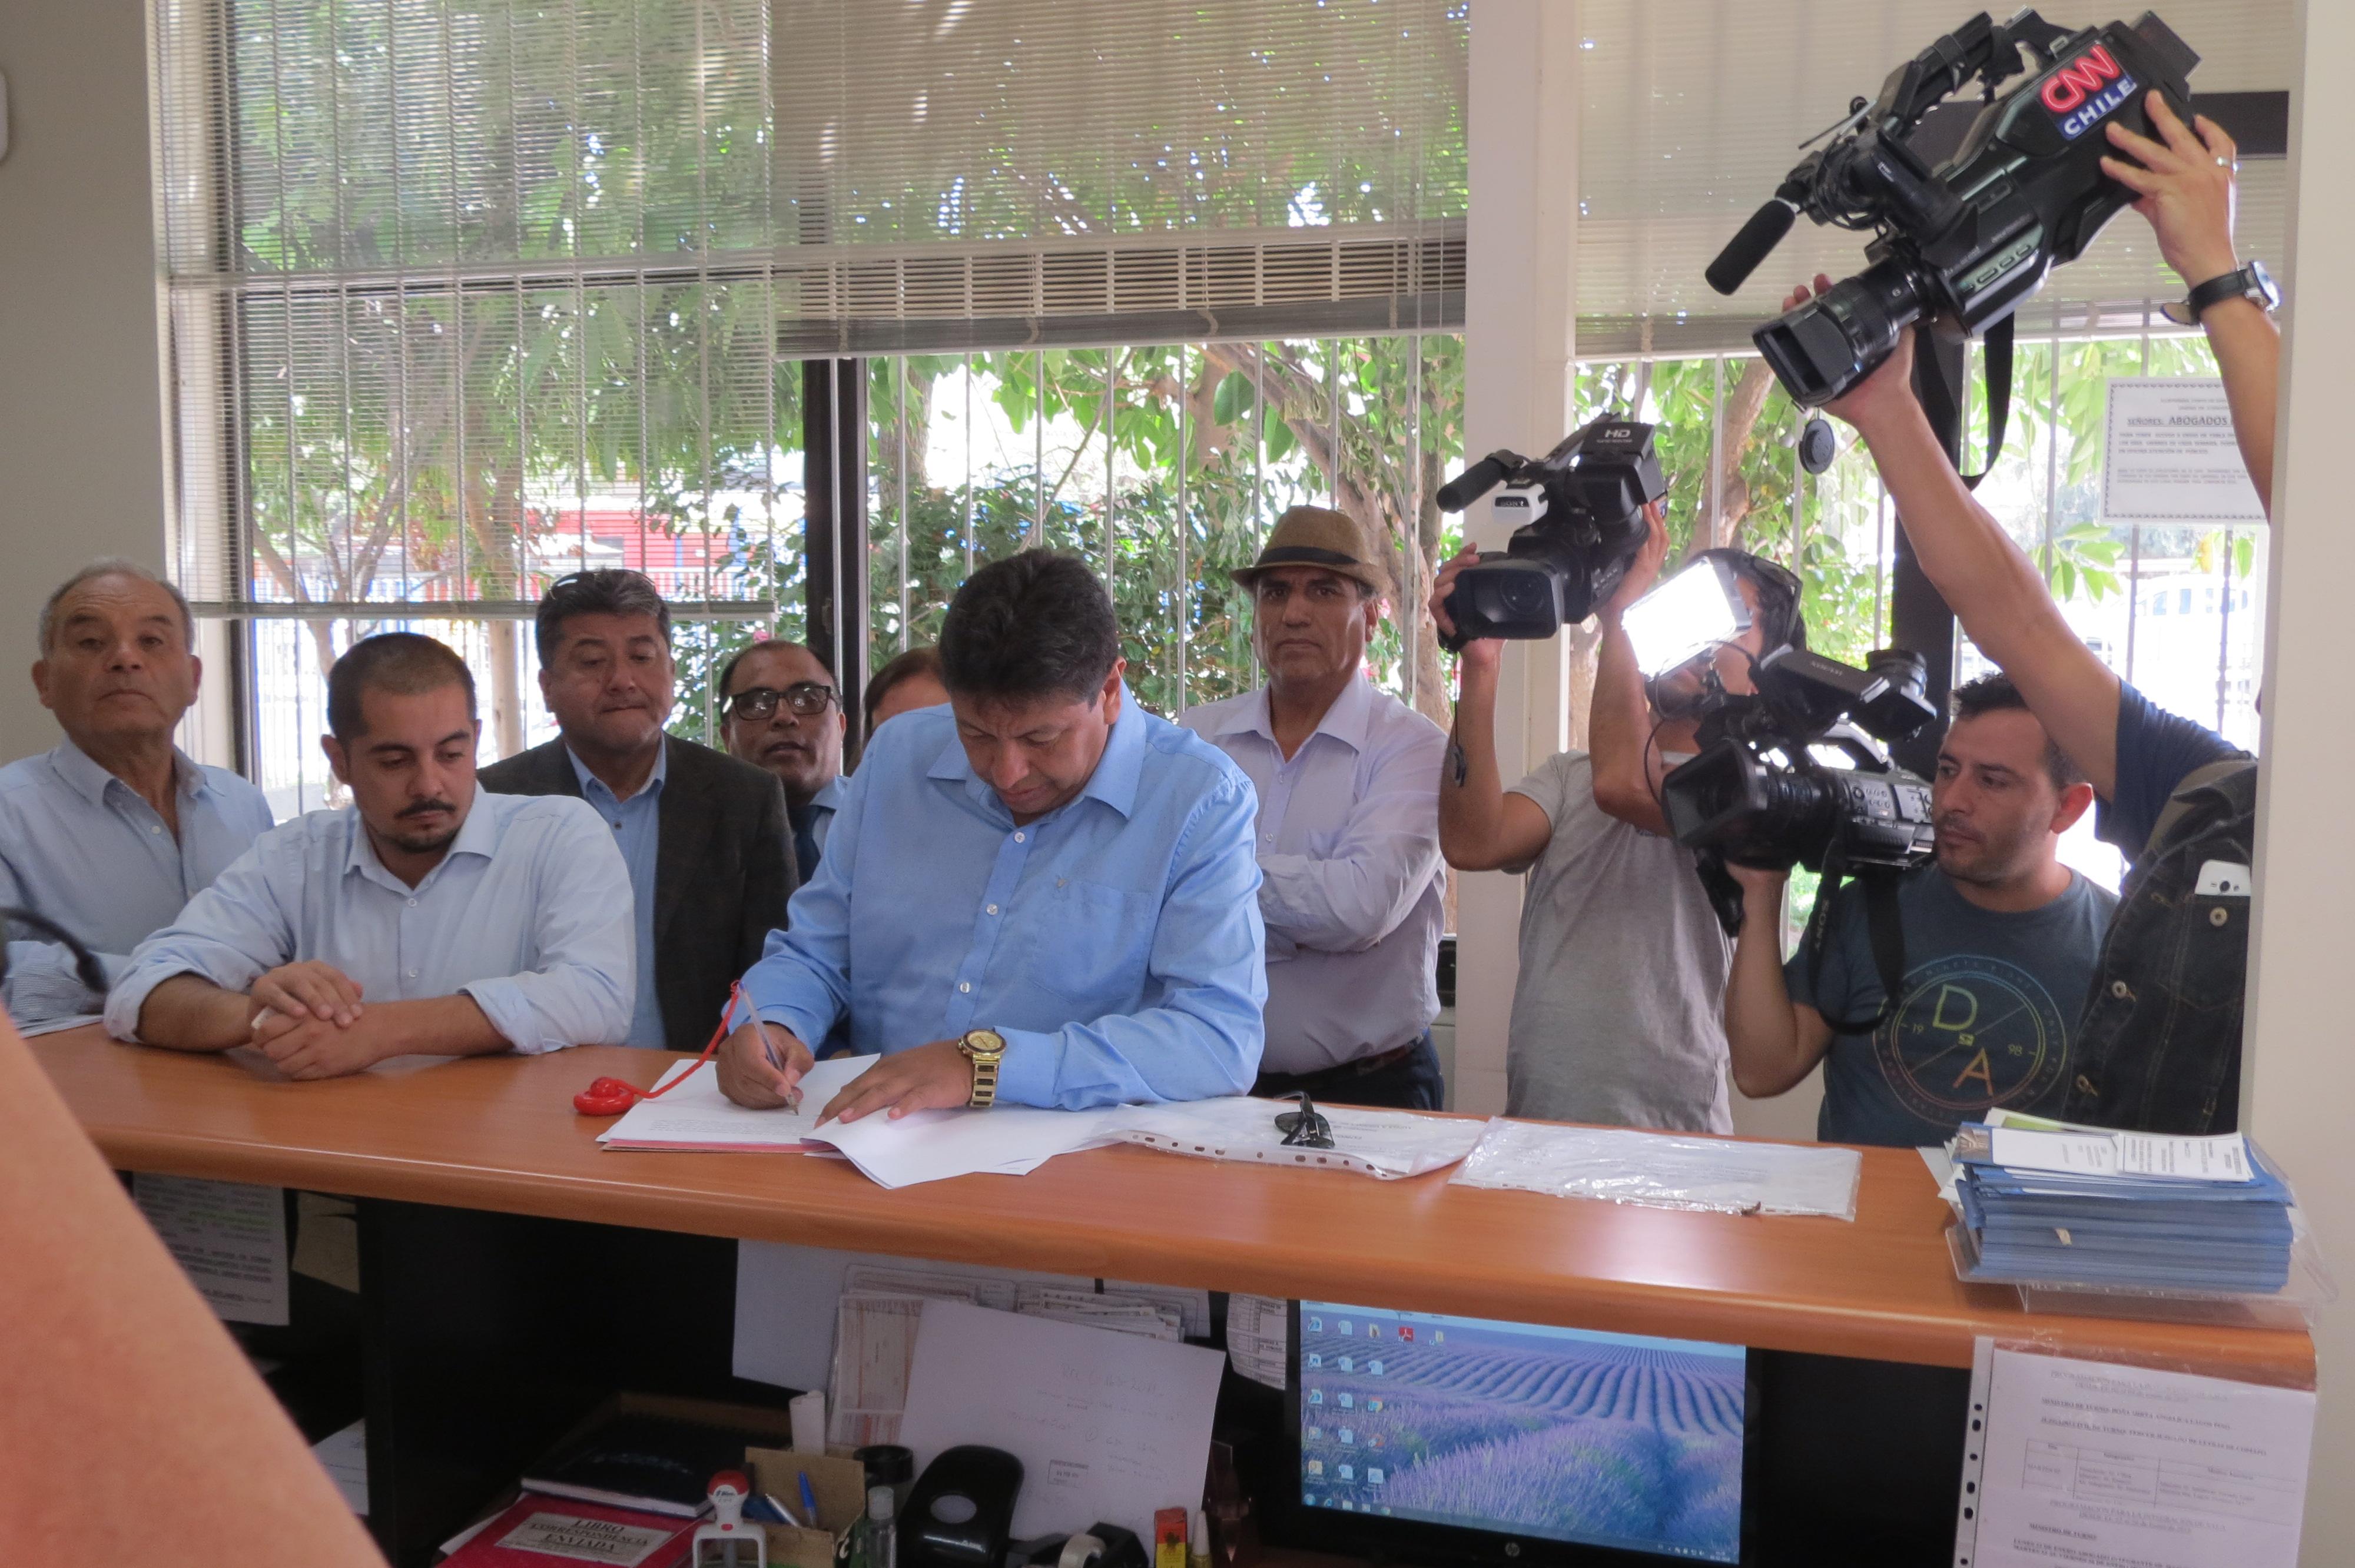 Municipio de Vallenar se hace parte de la demanda contra la ANFP y Melipilla